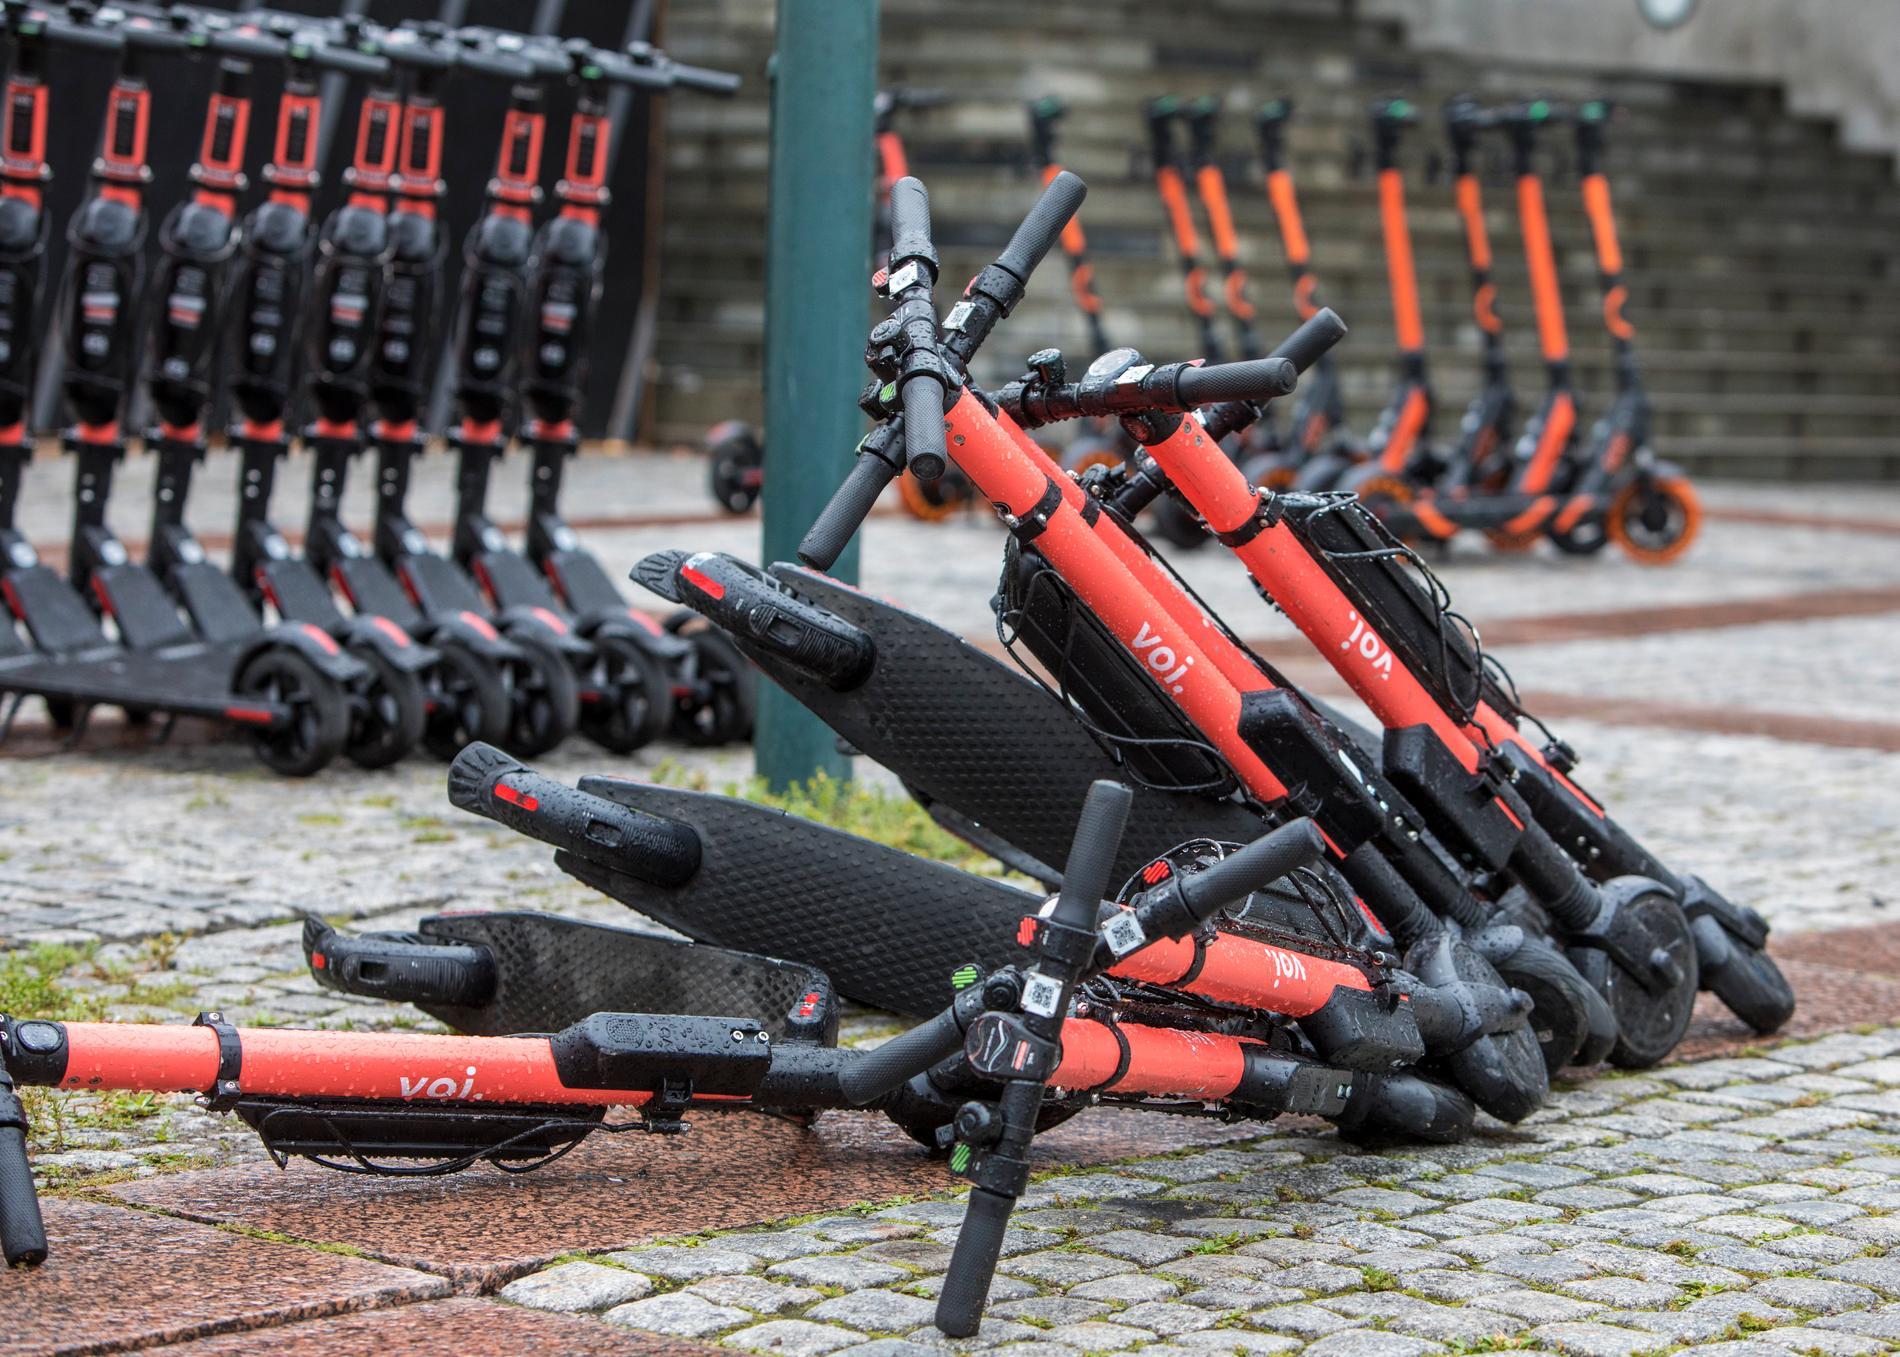 Att många stannar hemma från jobbet och att rörelsen i städerna har minskat gör att många elsparkcyklar står stilla.